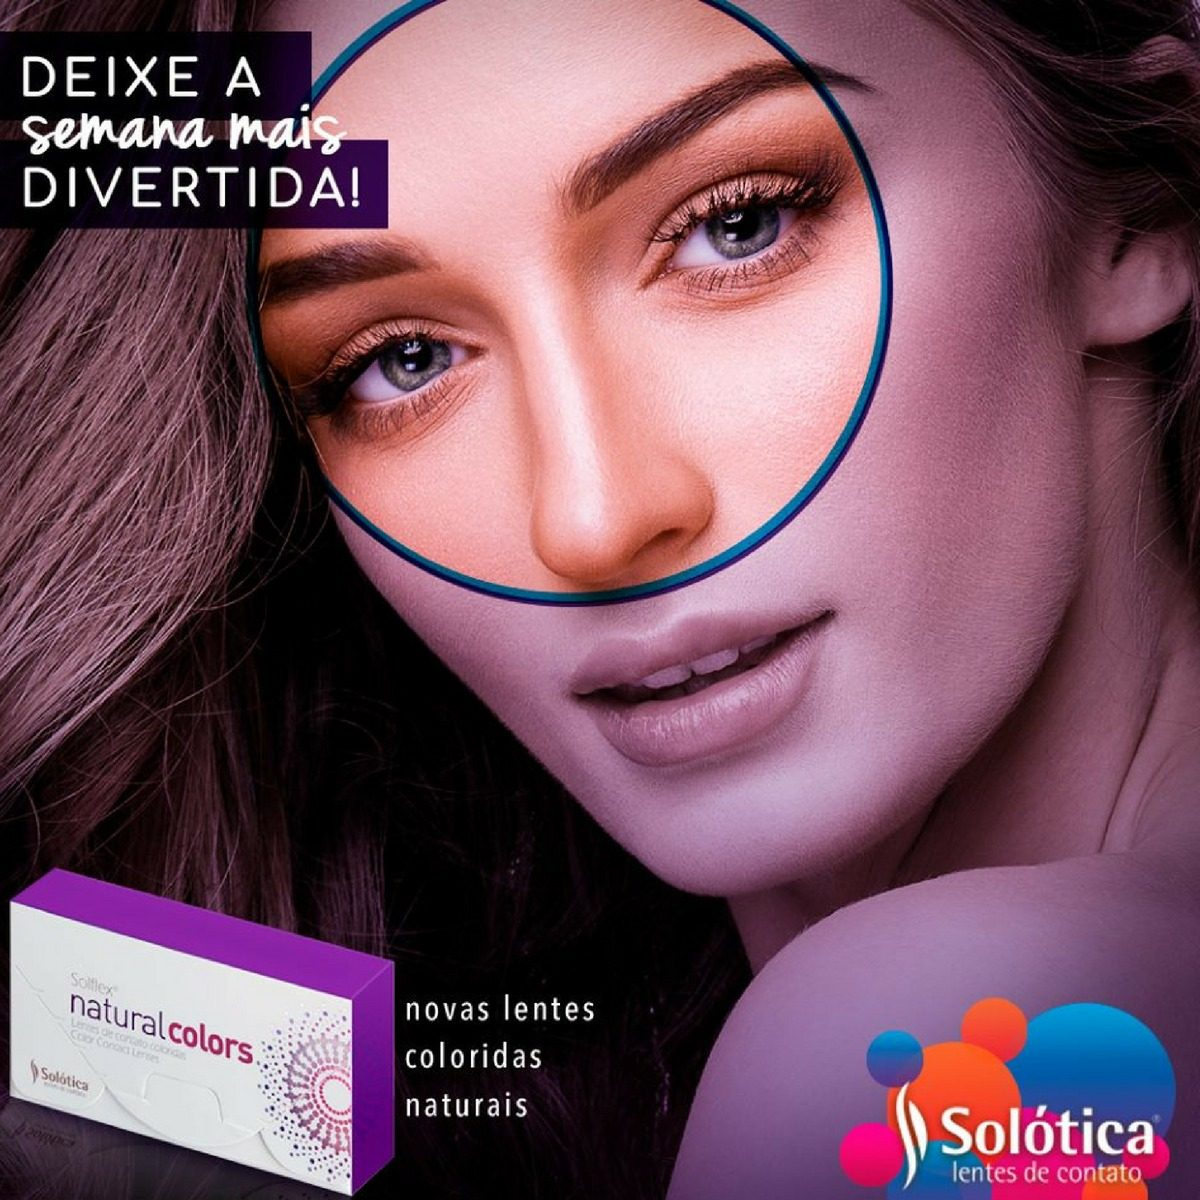 9bce824daa1b2 lente de contato colorida natural colors mensal promoção. Carregando zoom.